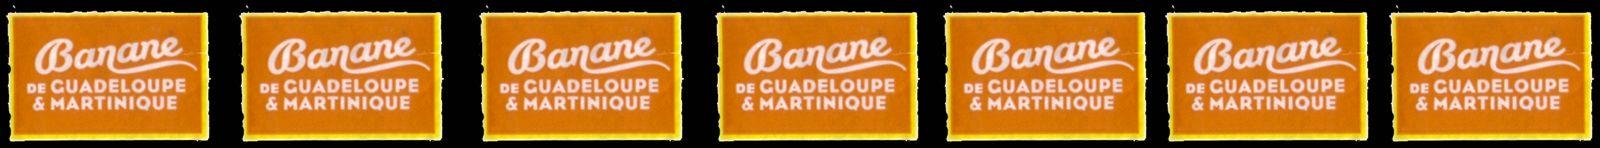 Etiquette_Banane_de_Guadeloupe_et_Martinique_Orange